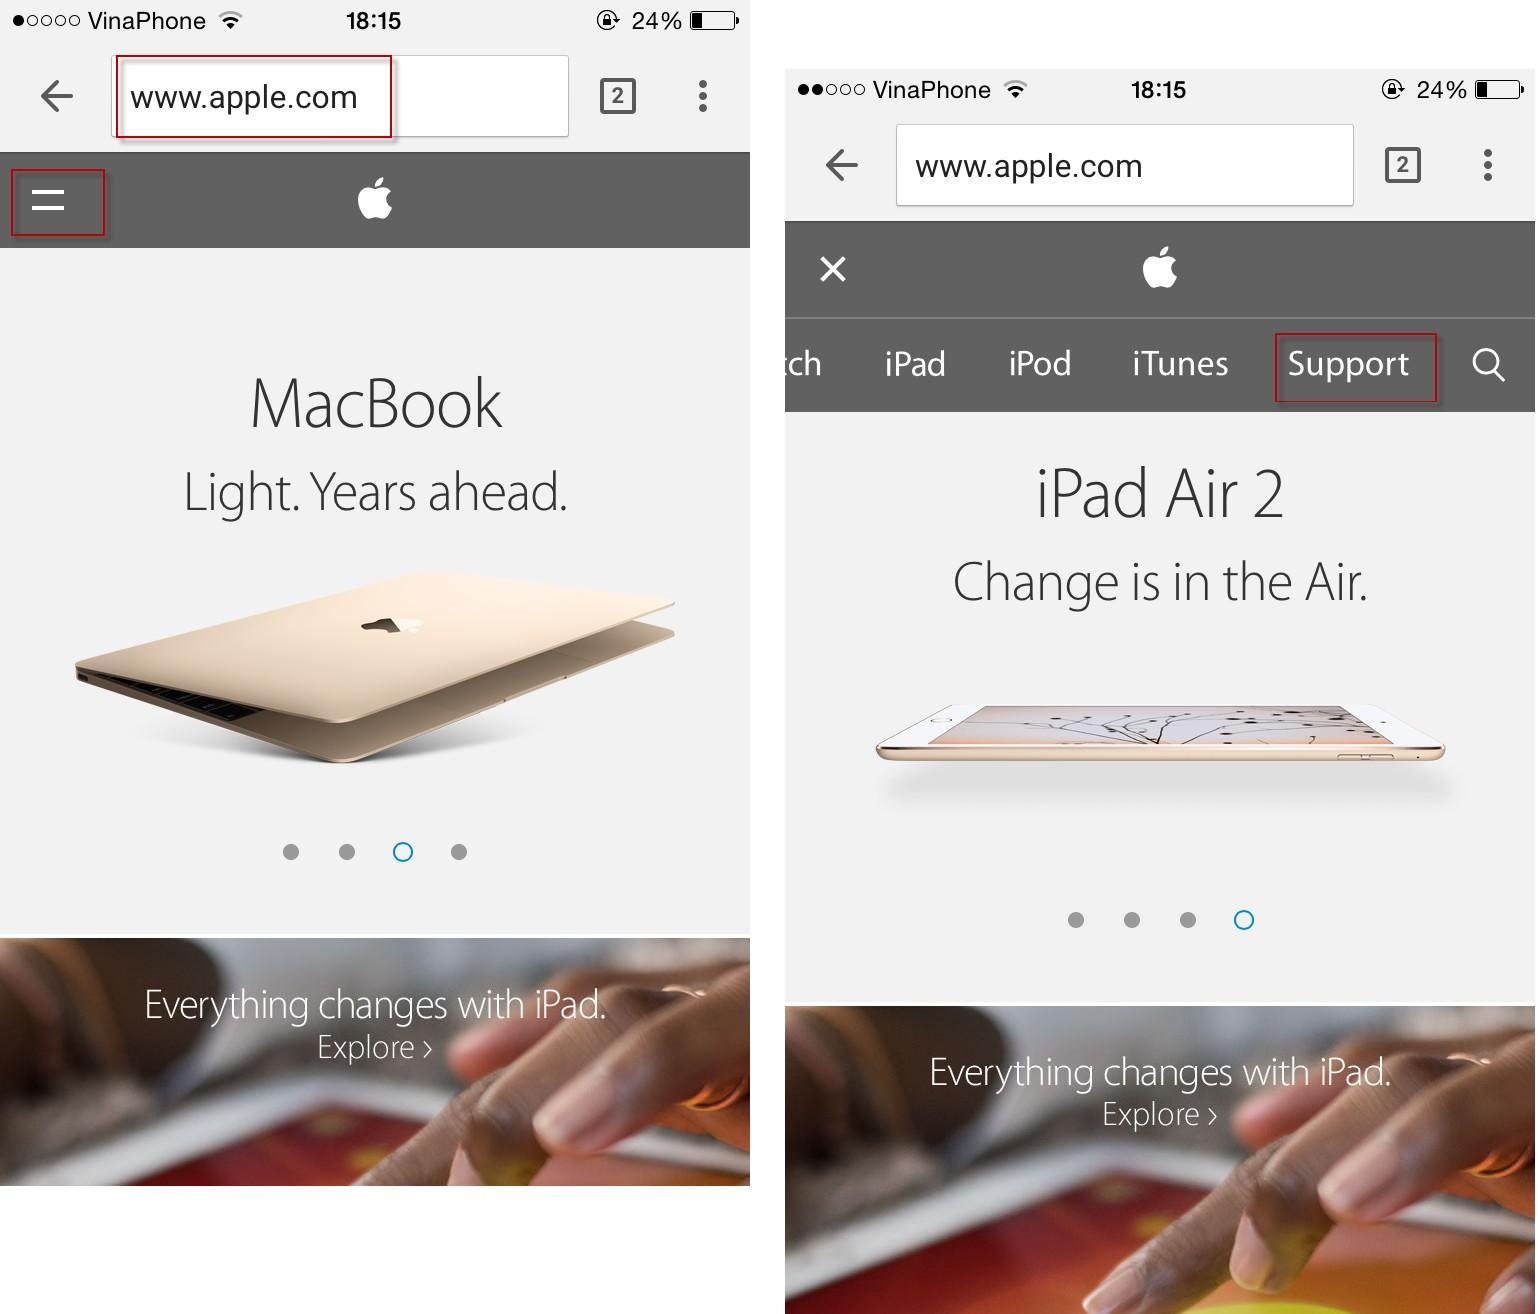 Cách kiểm tra imei iphone ipad chính hãng apple khi mua cũ - 2